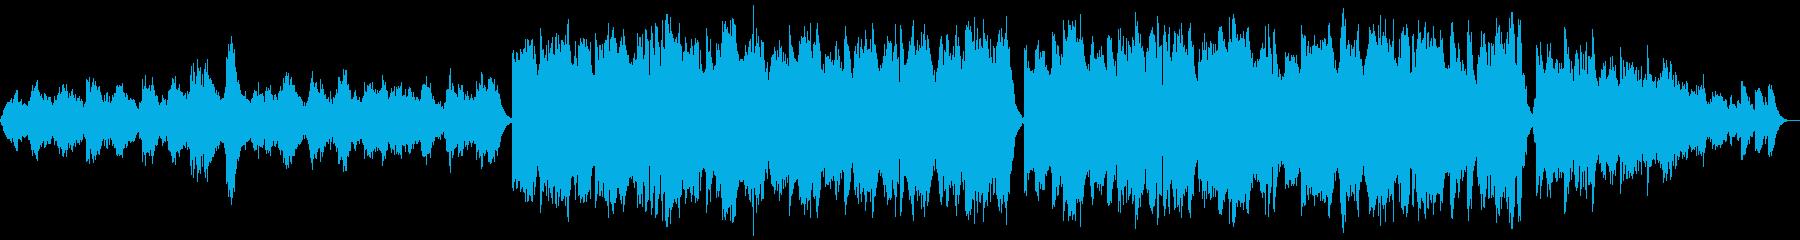 エレクトロニック センチメンタル ...の再生済みの波形